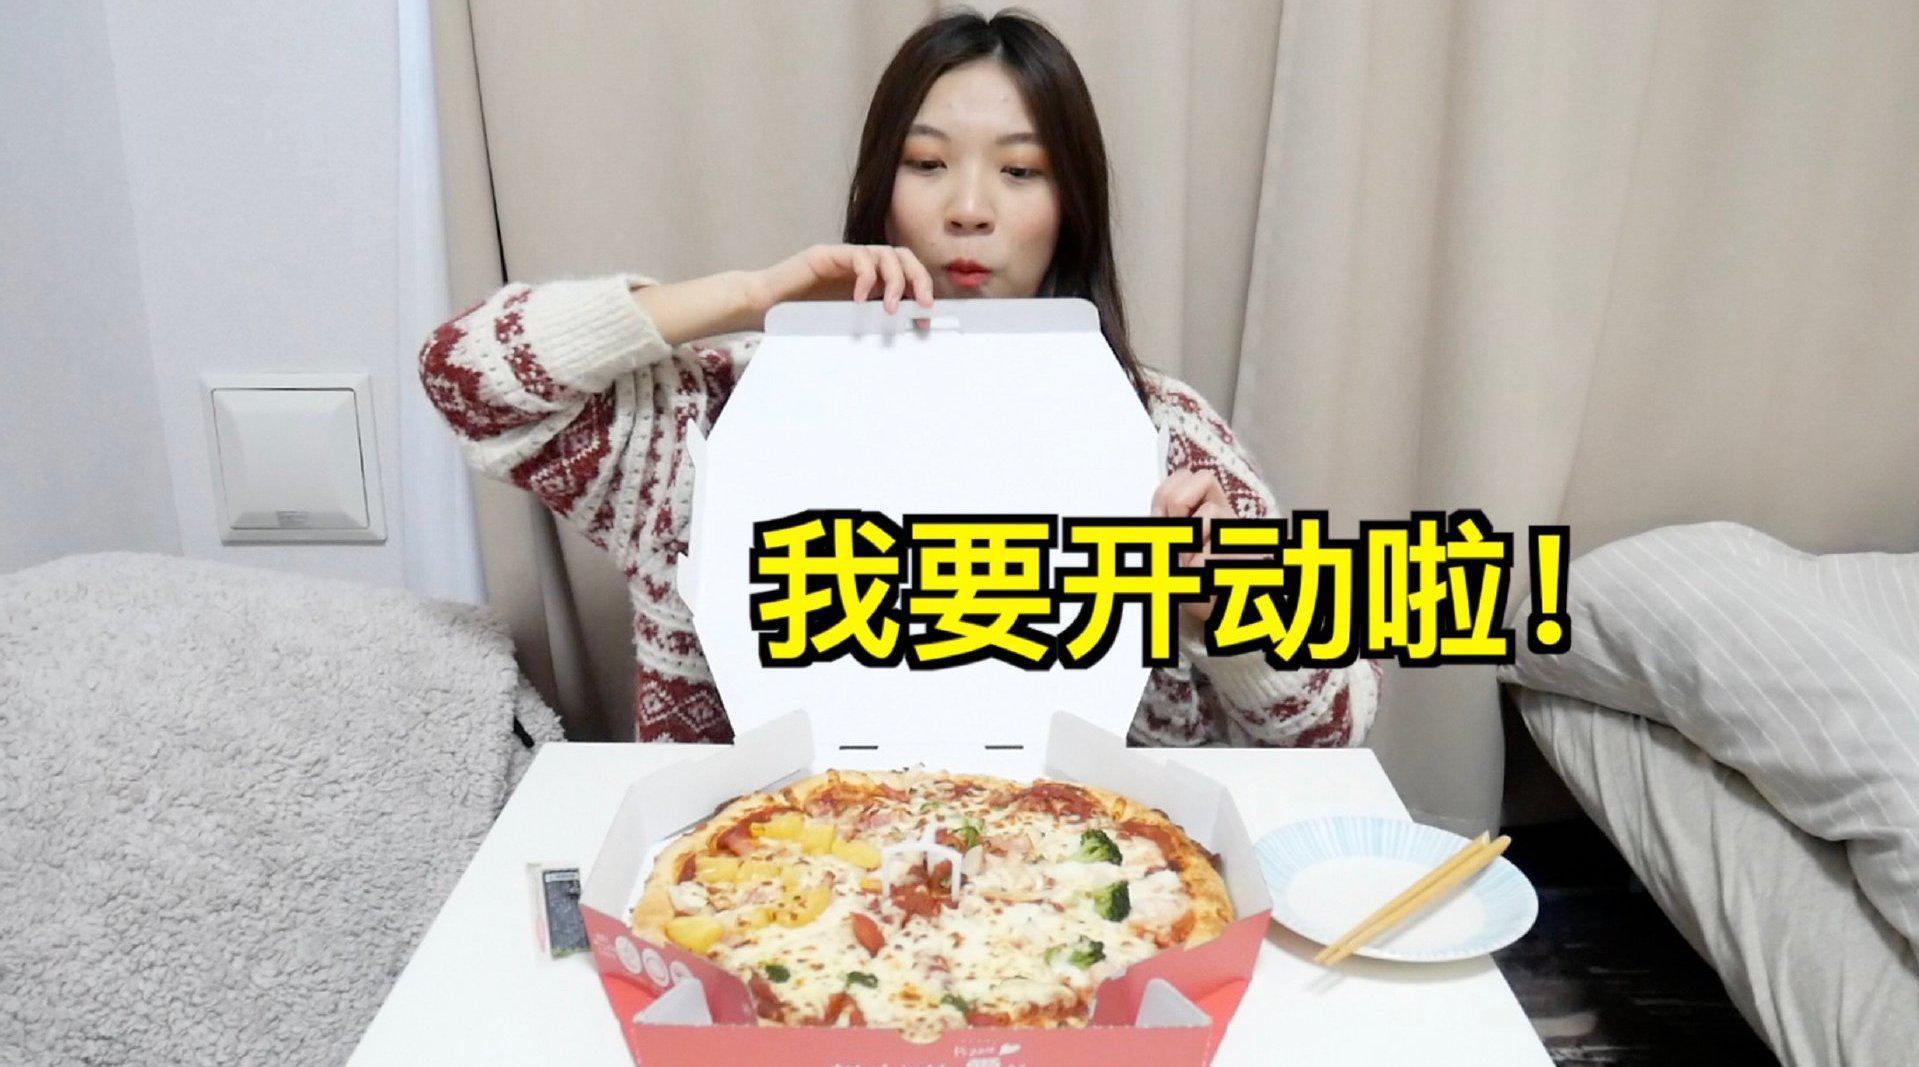 疫情期间日本外卖降价 我也点个12寸超大披萨吃吃吧!!!